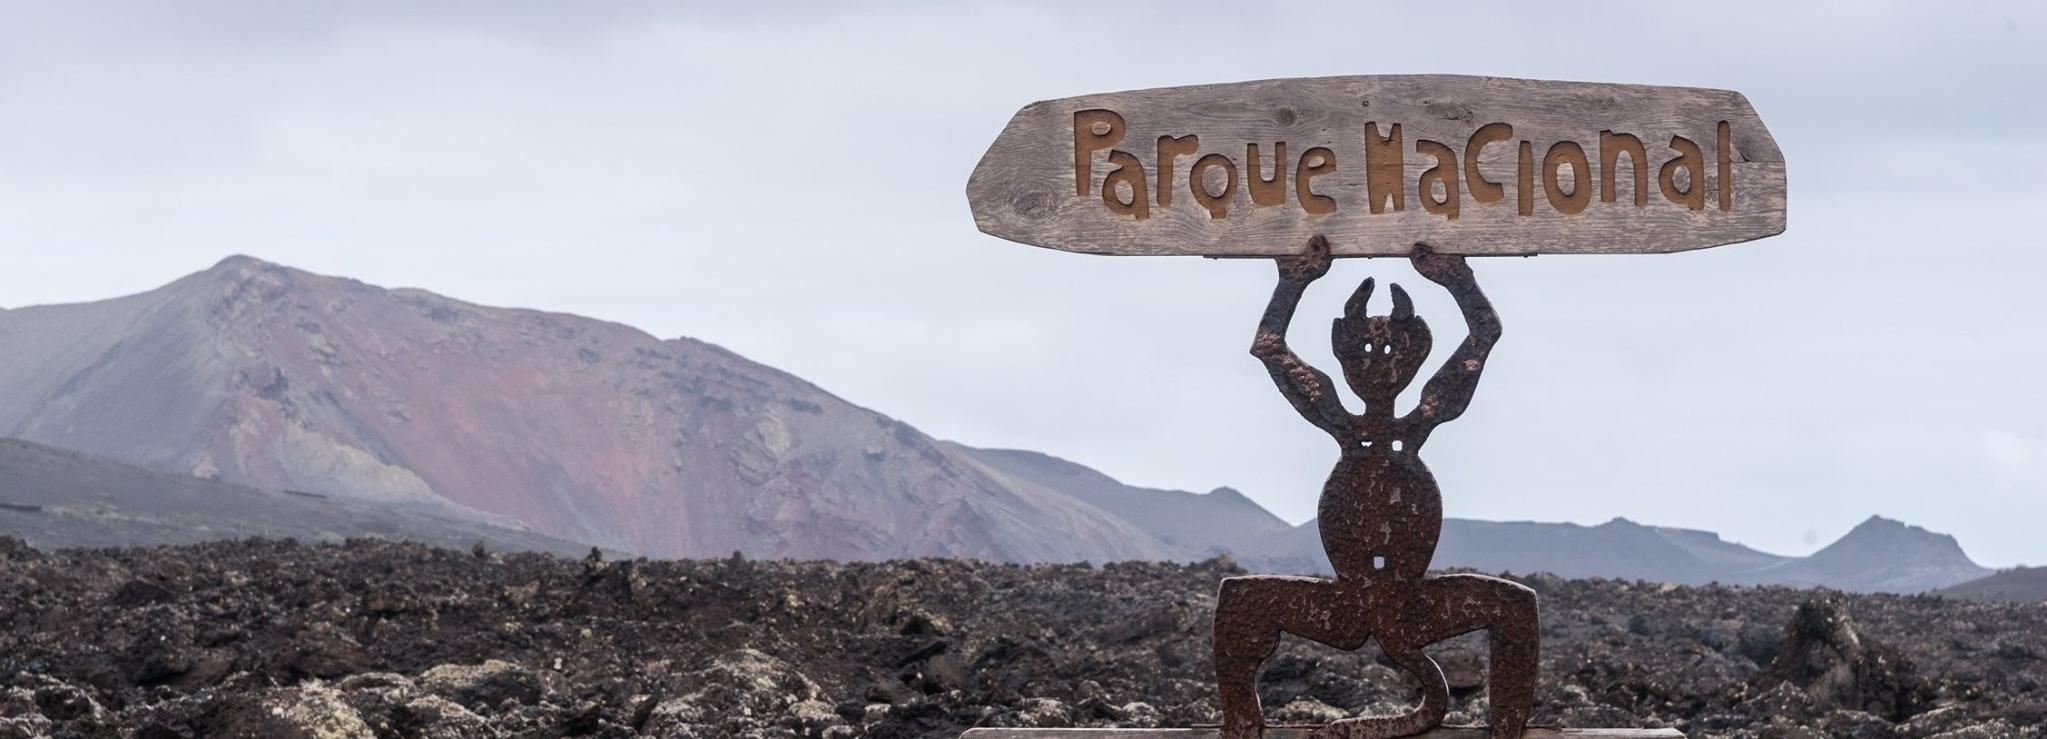 Lanzarote: vulcano e regione dei vini da Fuerteventura